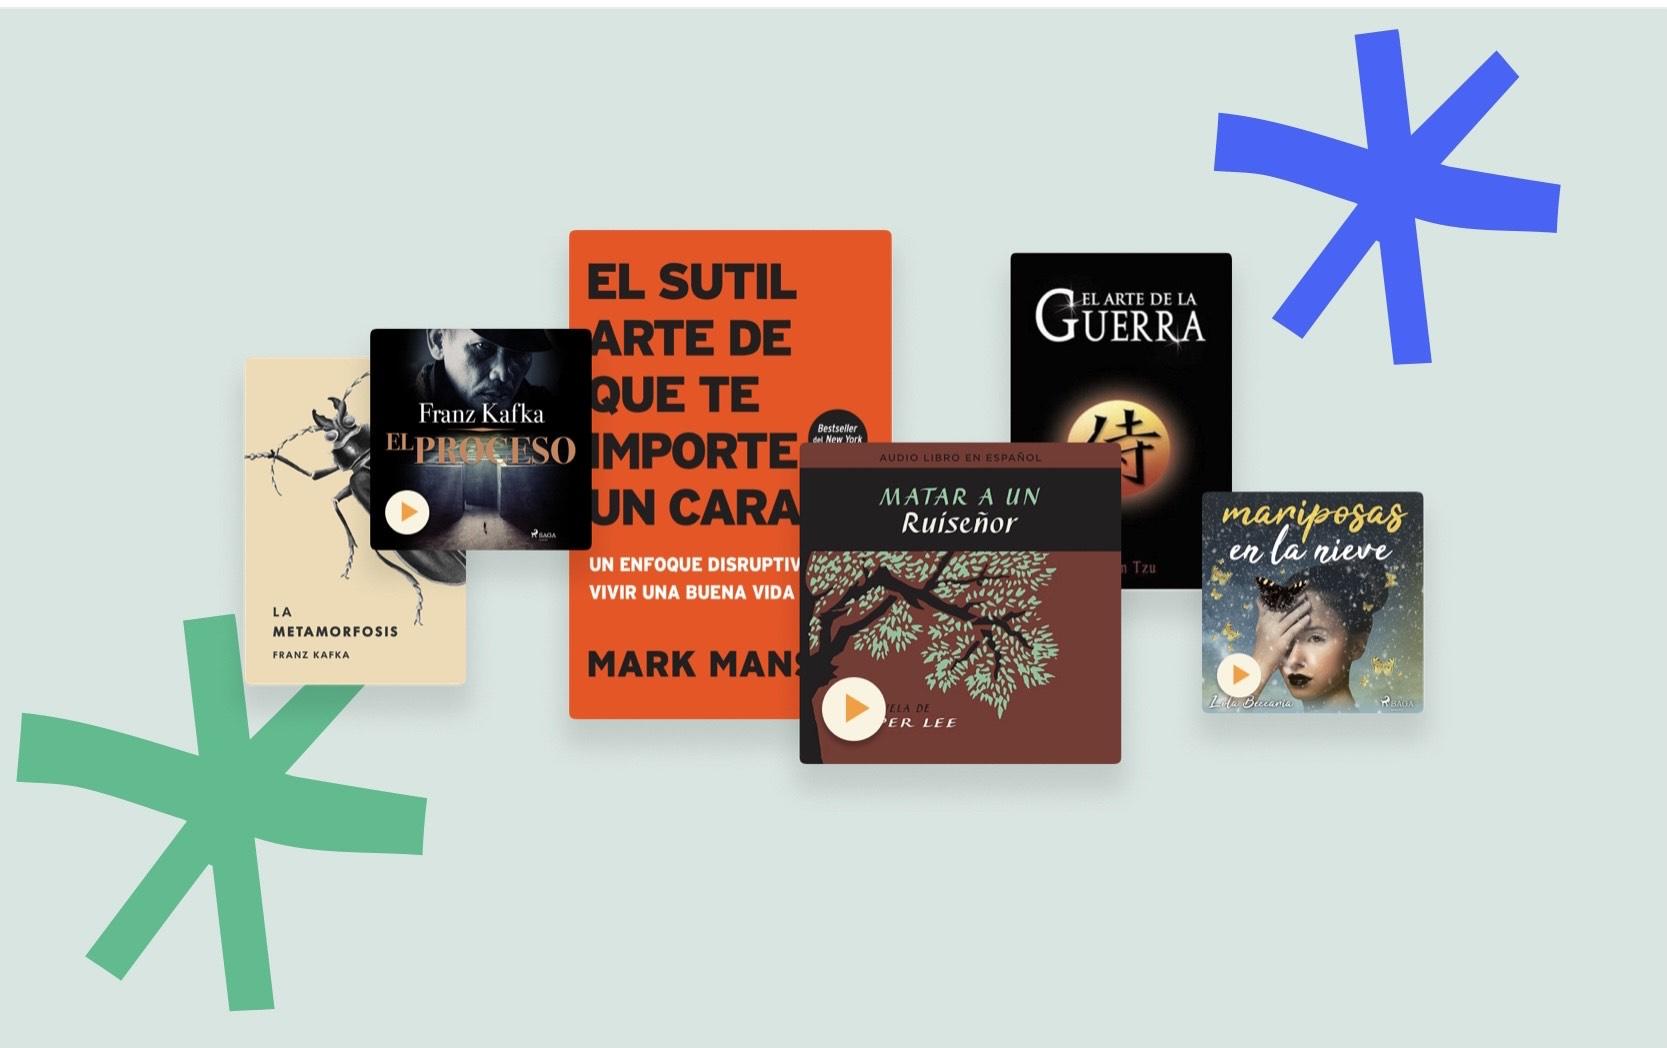 Bookmate Oferta 50% de descuento en suscripciones (libros y audiolibros)